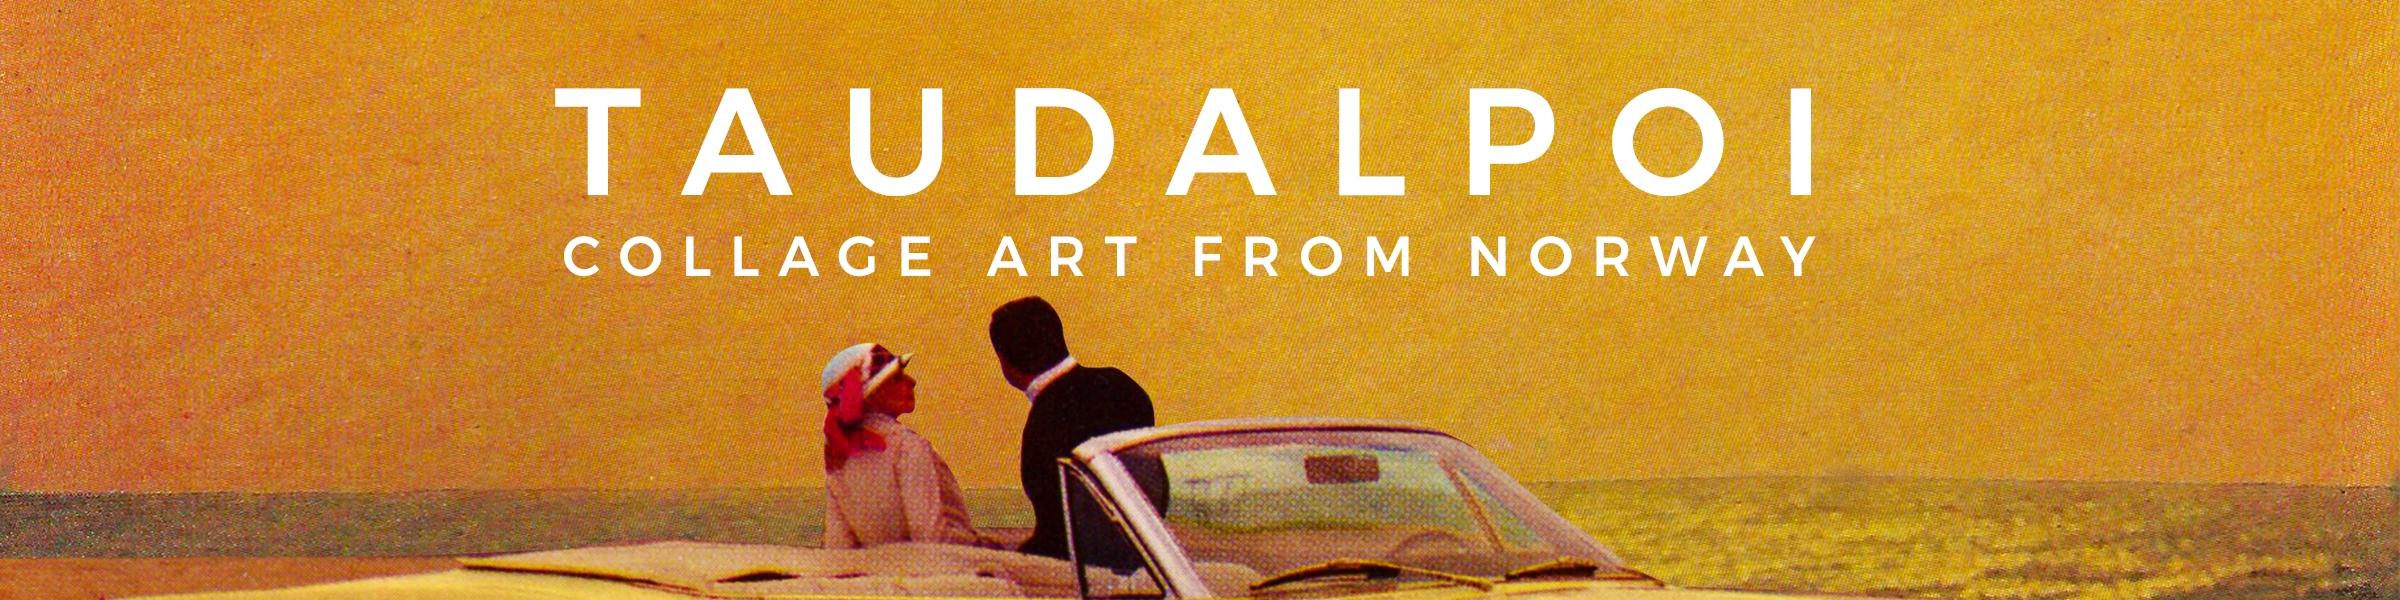 Taudalpoi (@taudalpoi) Cover Image